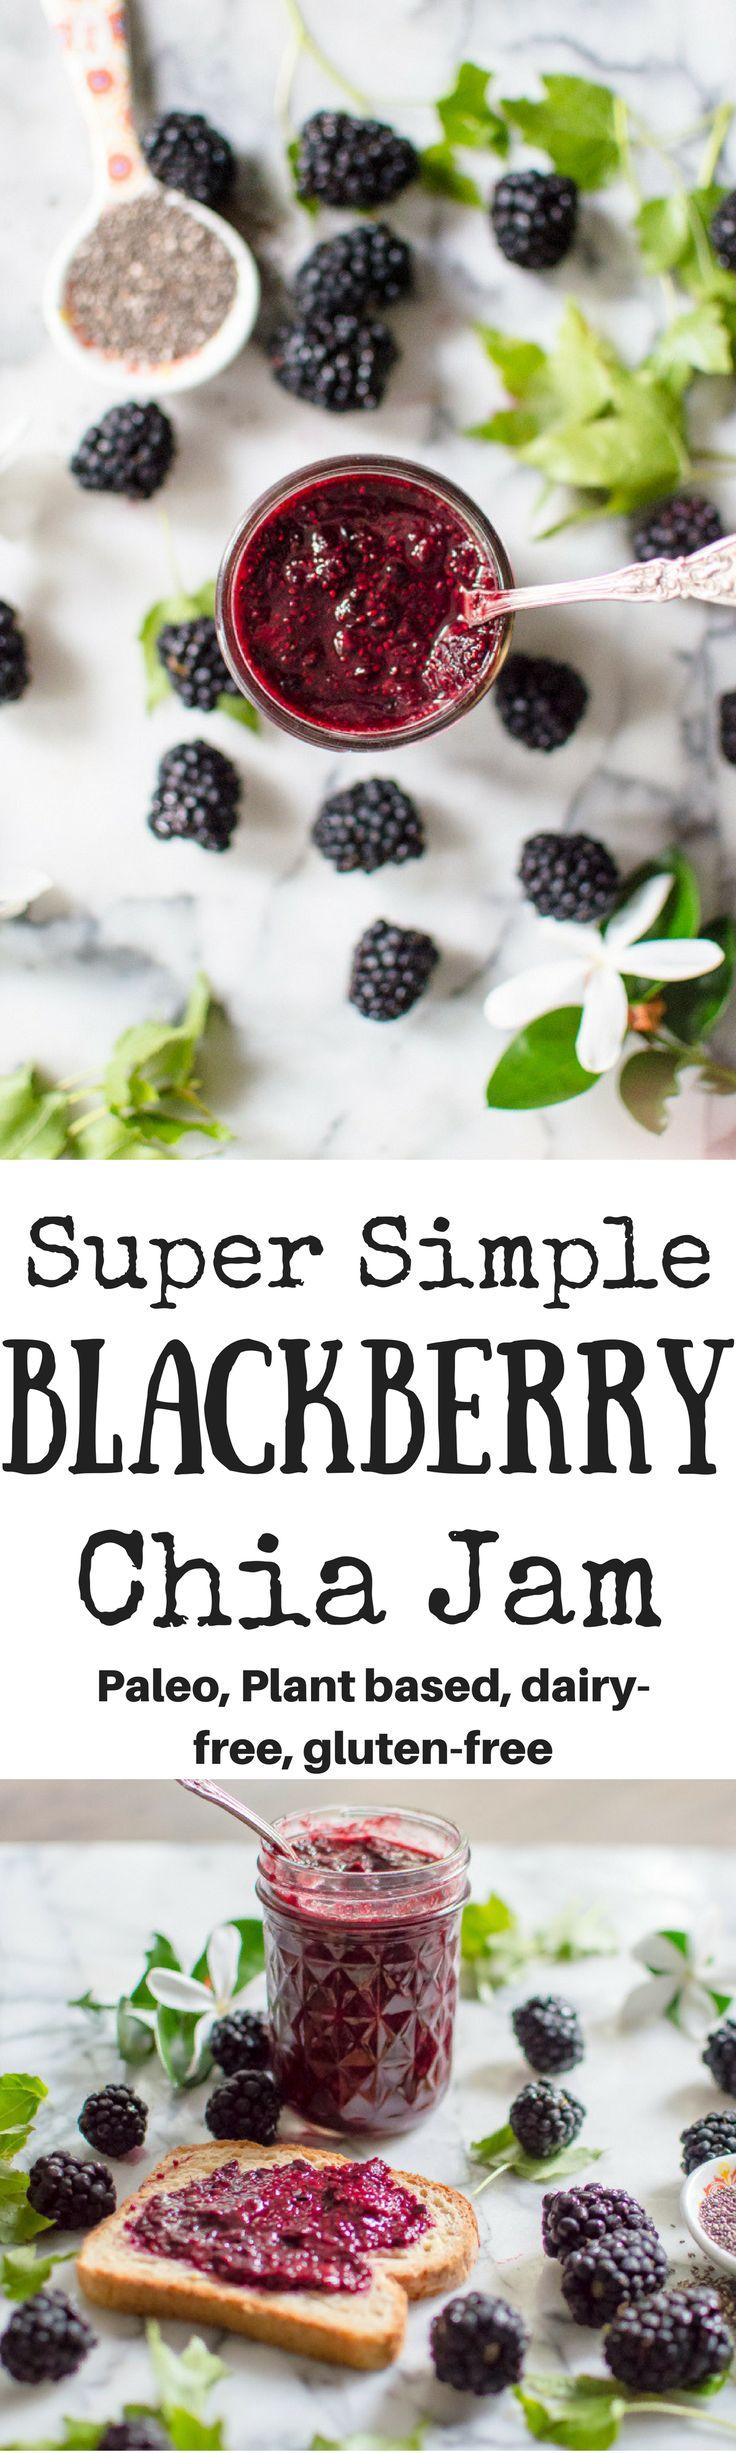 Super Simple Blackberry Chia Jam